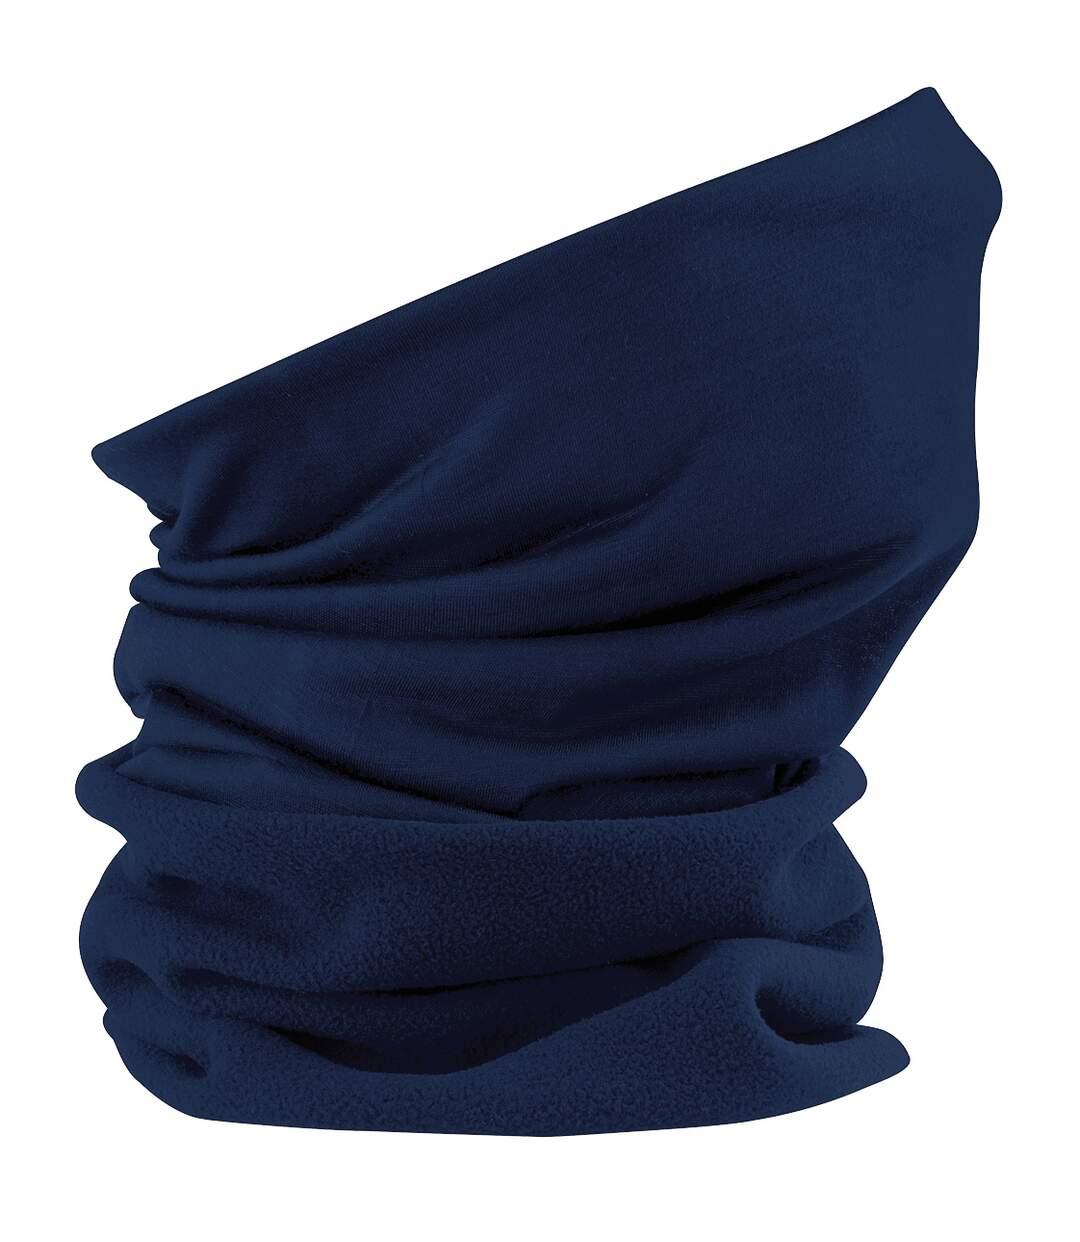 Beechfield - Tour De Cou Polaire - Femme (Bleu marine) (Taille unique) - UTRW267